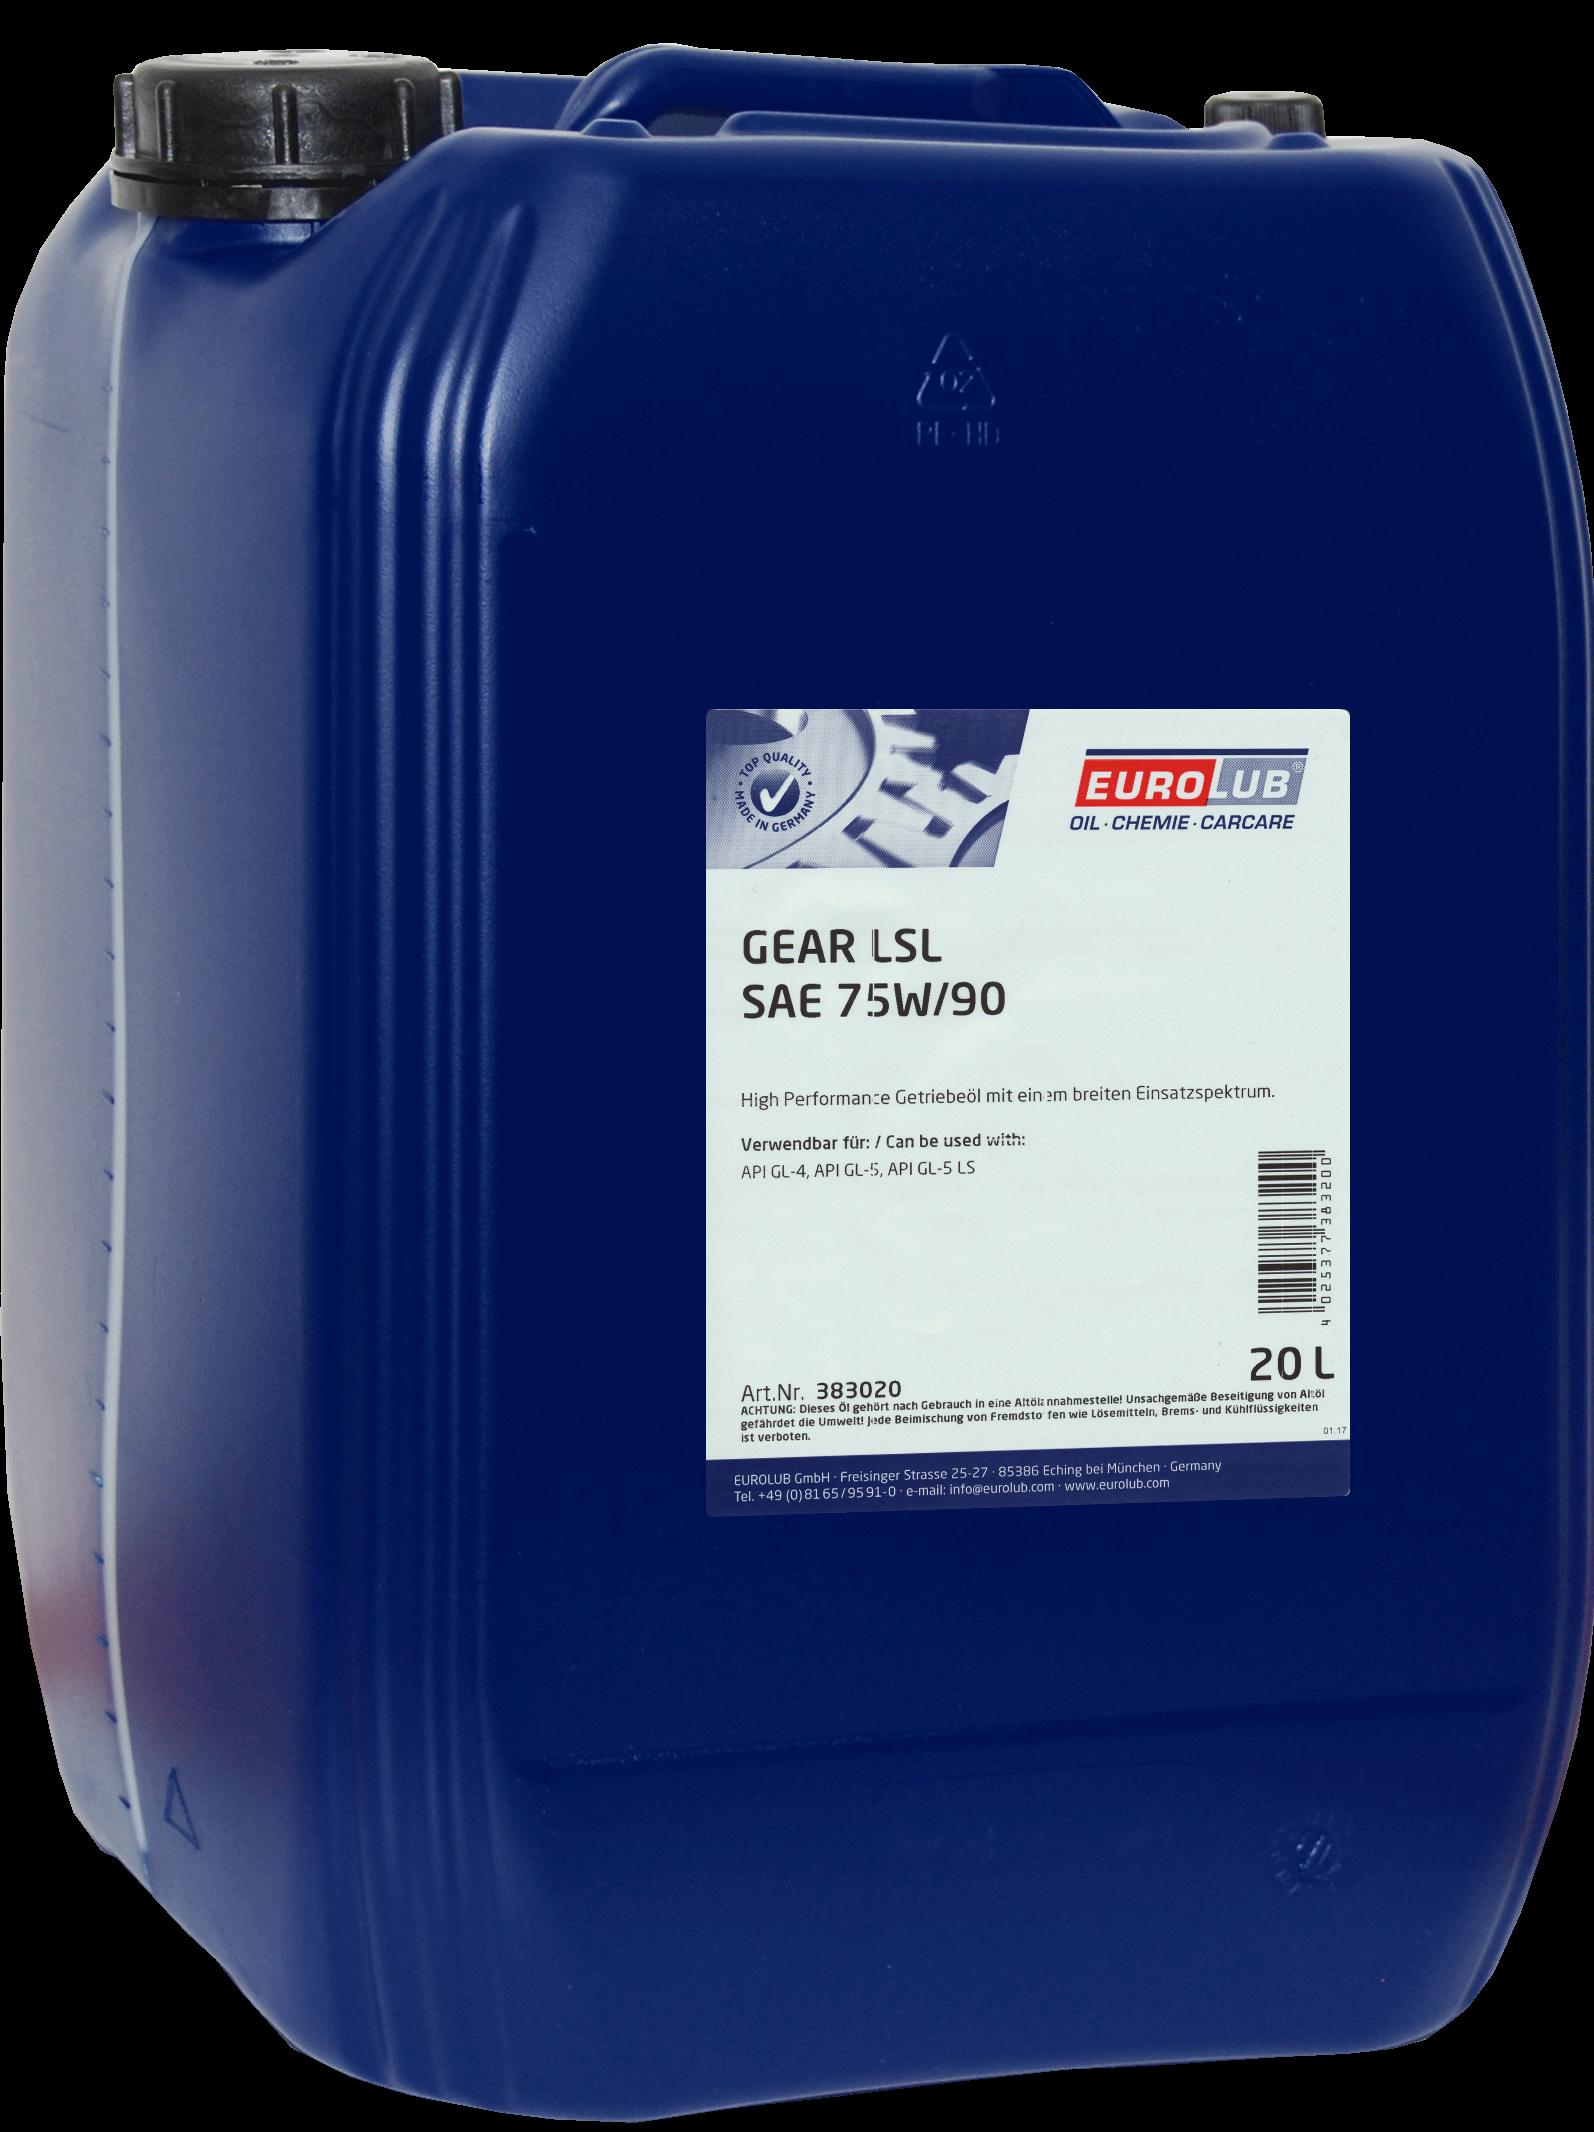 EUROLUB  Gear LSL SAE 75W/90 (Limited Slip), 20л